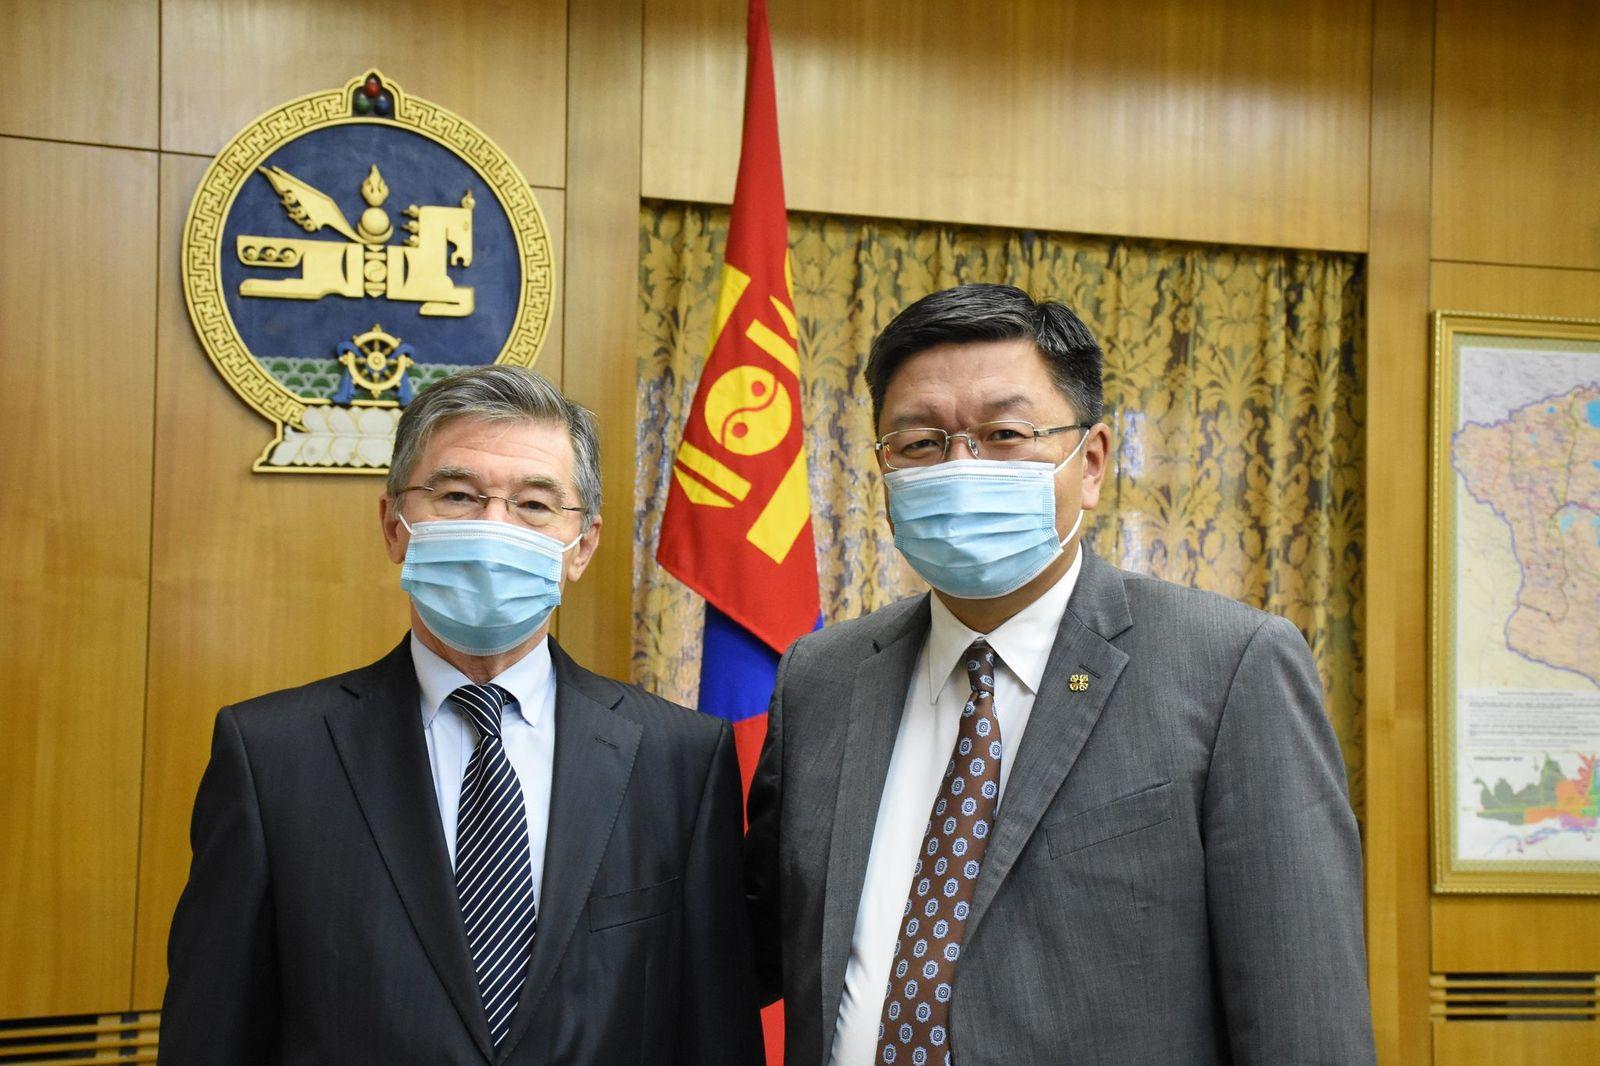 내년은 몽골-러시아 수교 100주년이 되는 해.jpg